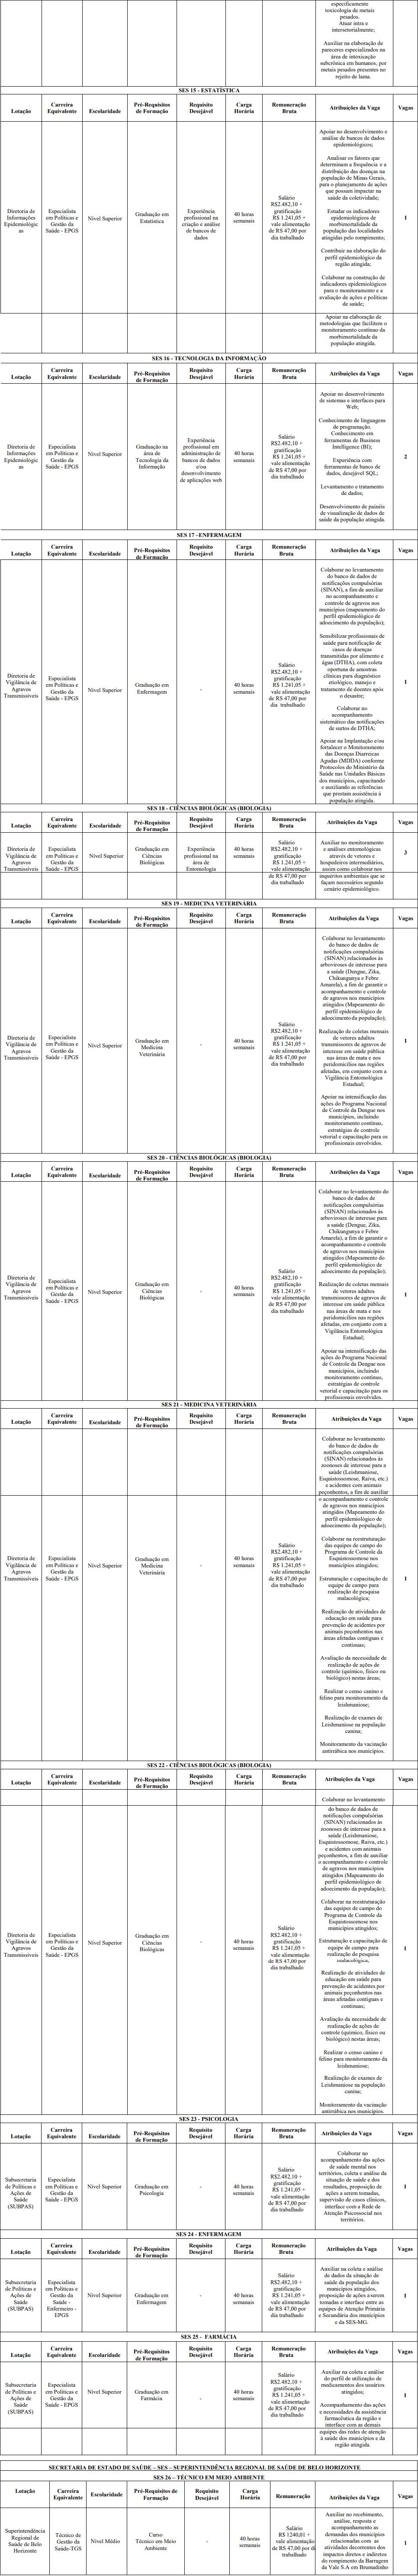 VAGAS DEF 2 1 - Processo Seletivo SES MG: Inscrições encerradas